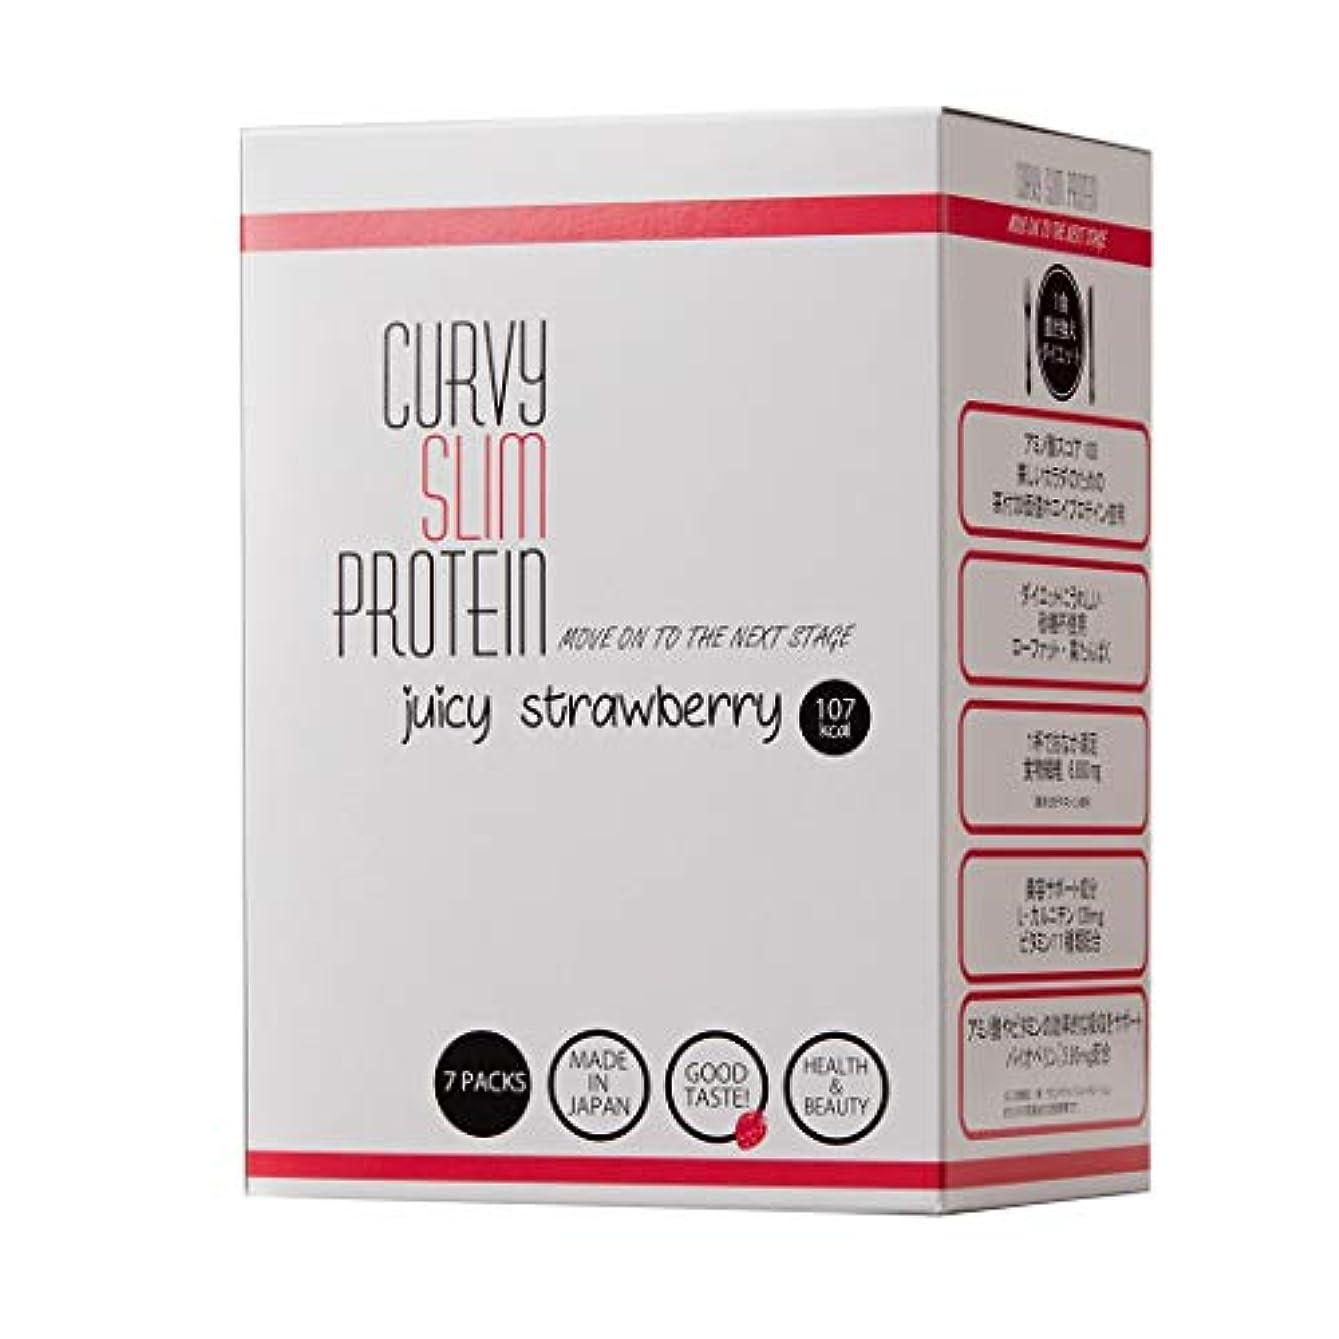 シリングクスコアボートカーヴィースリム® プロテイン ジューシーストロベリー 置き換え ダイエット 7包(7食分)